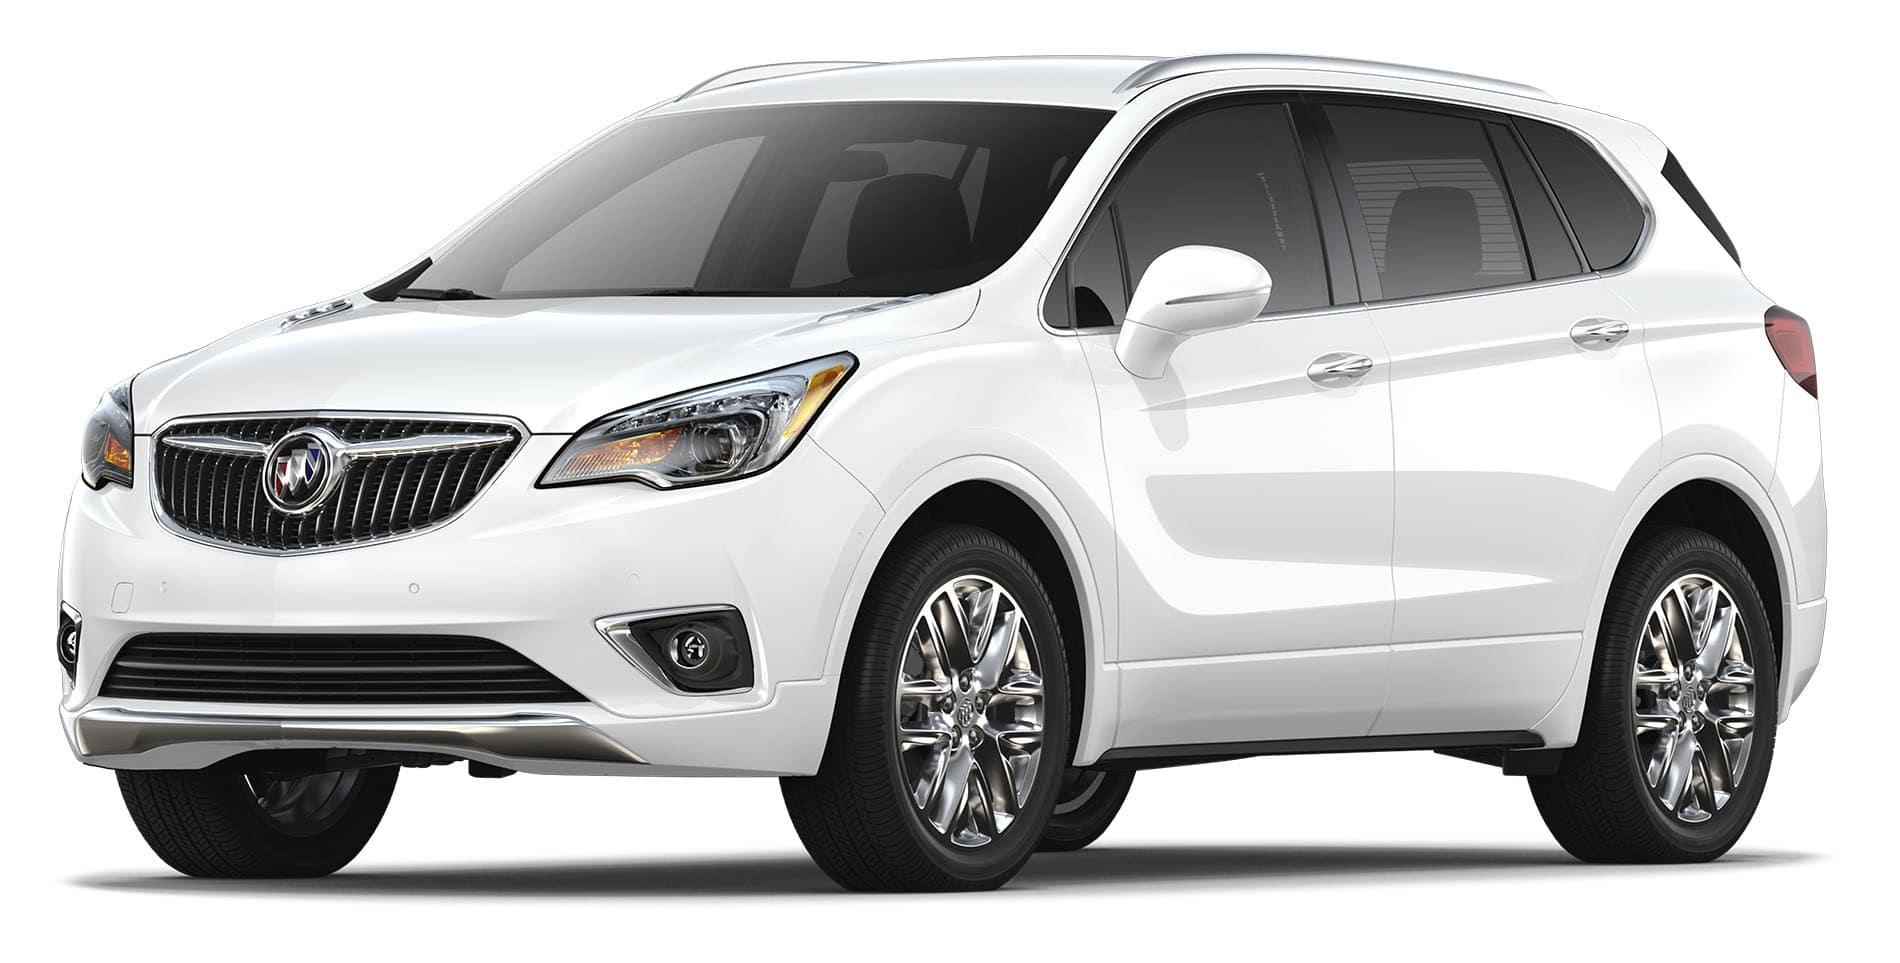 Envision Premium AWD